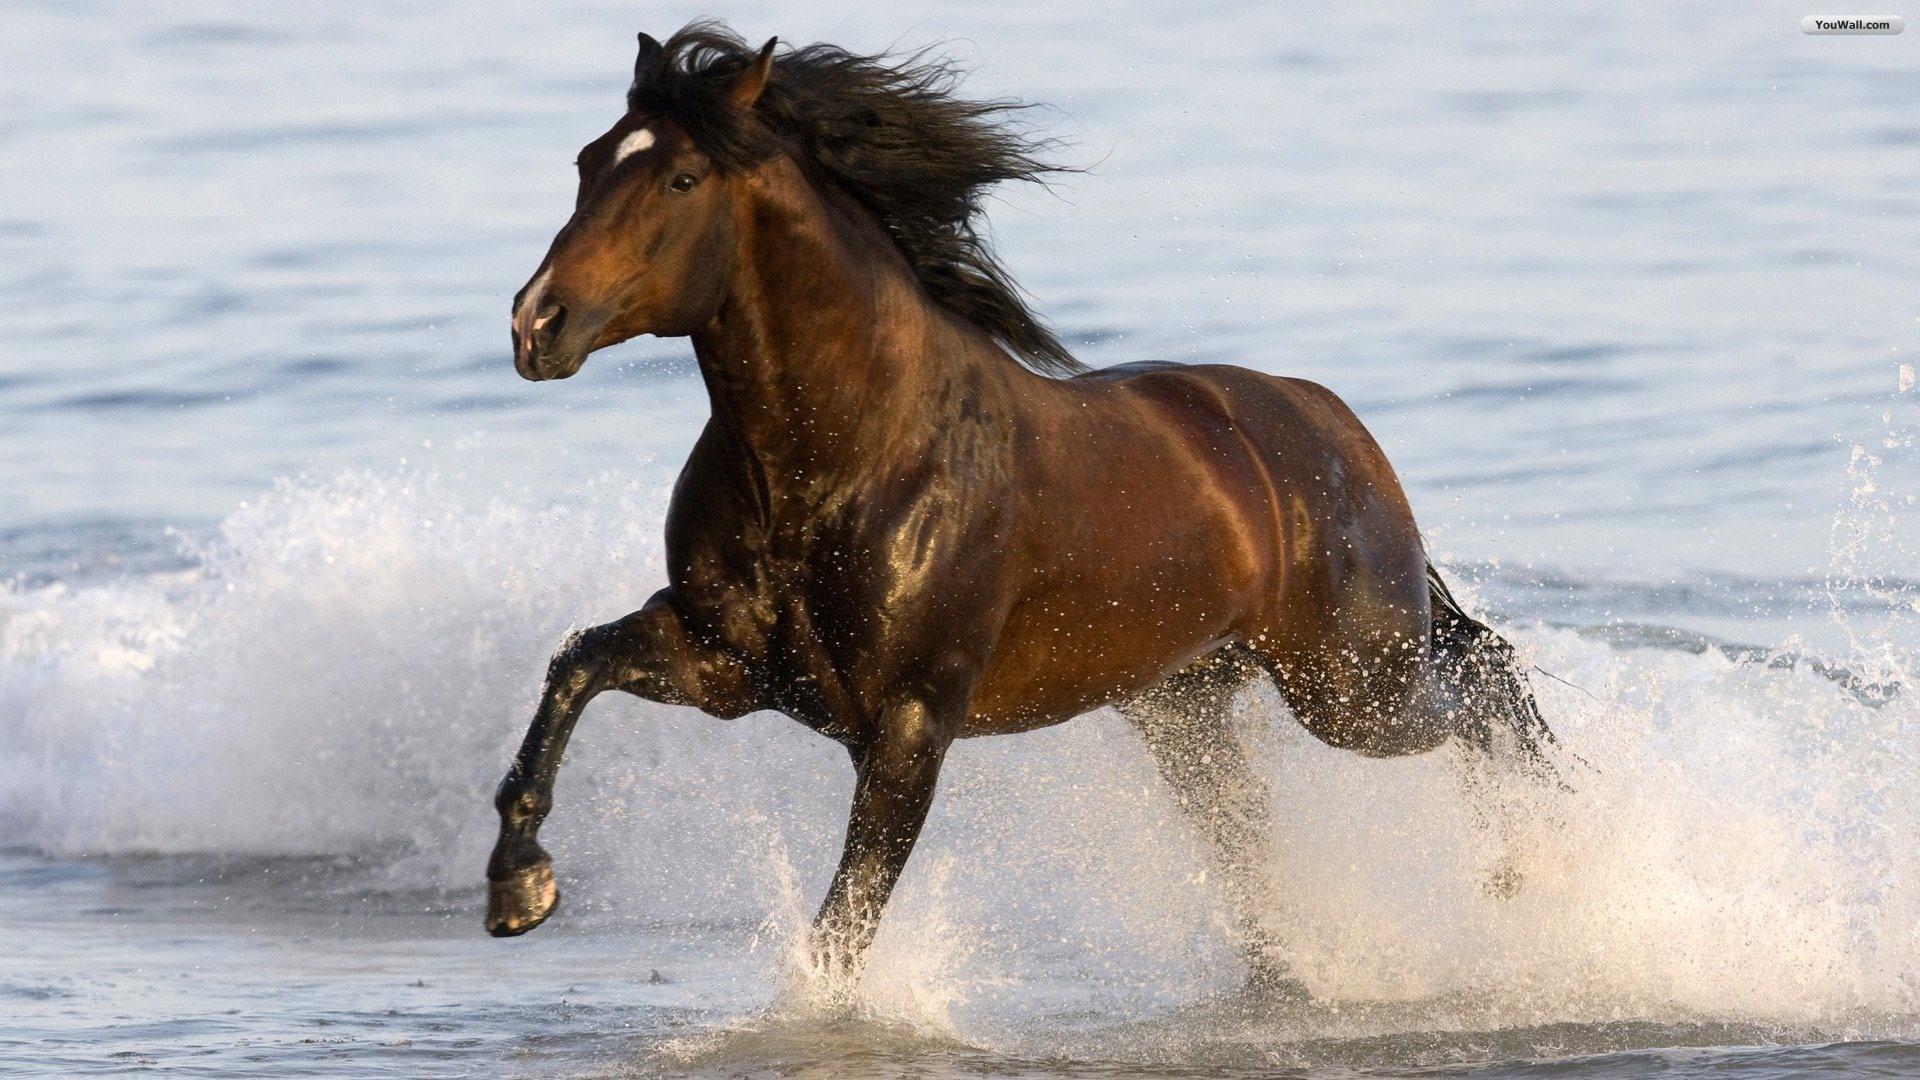 Atlar; Dosttur,sevgi dolu, bazen biraz ürkek, ot obur, kocaman kalpli ve insanlarla bağ kurmaya düşkün canlılardır''.